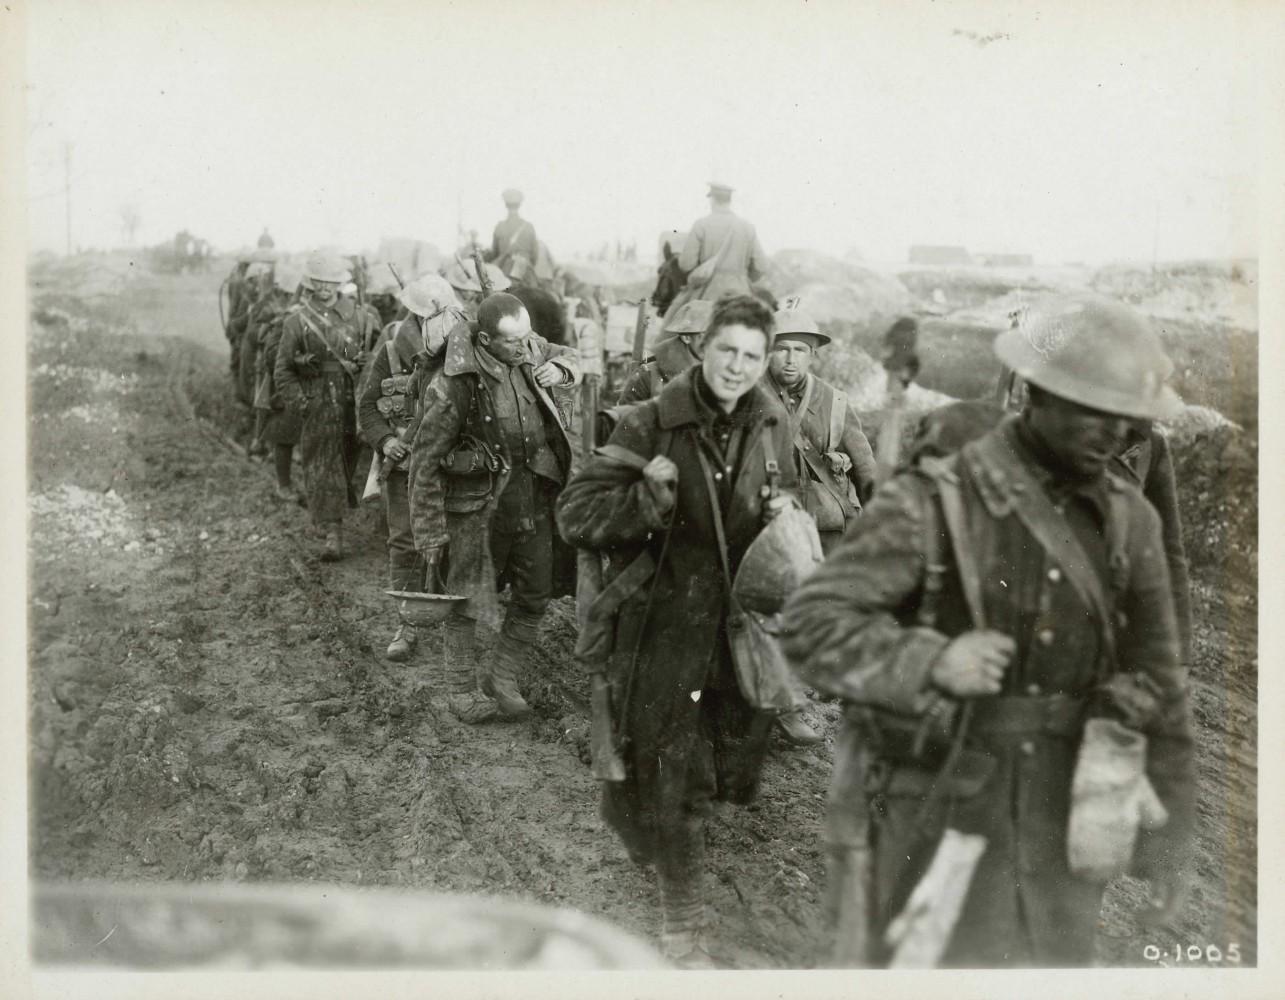 REMEMBRANCE: IMAGINE 1918